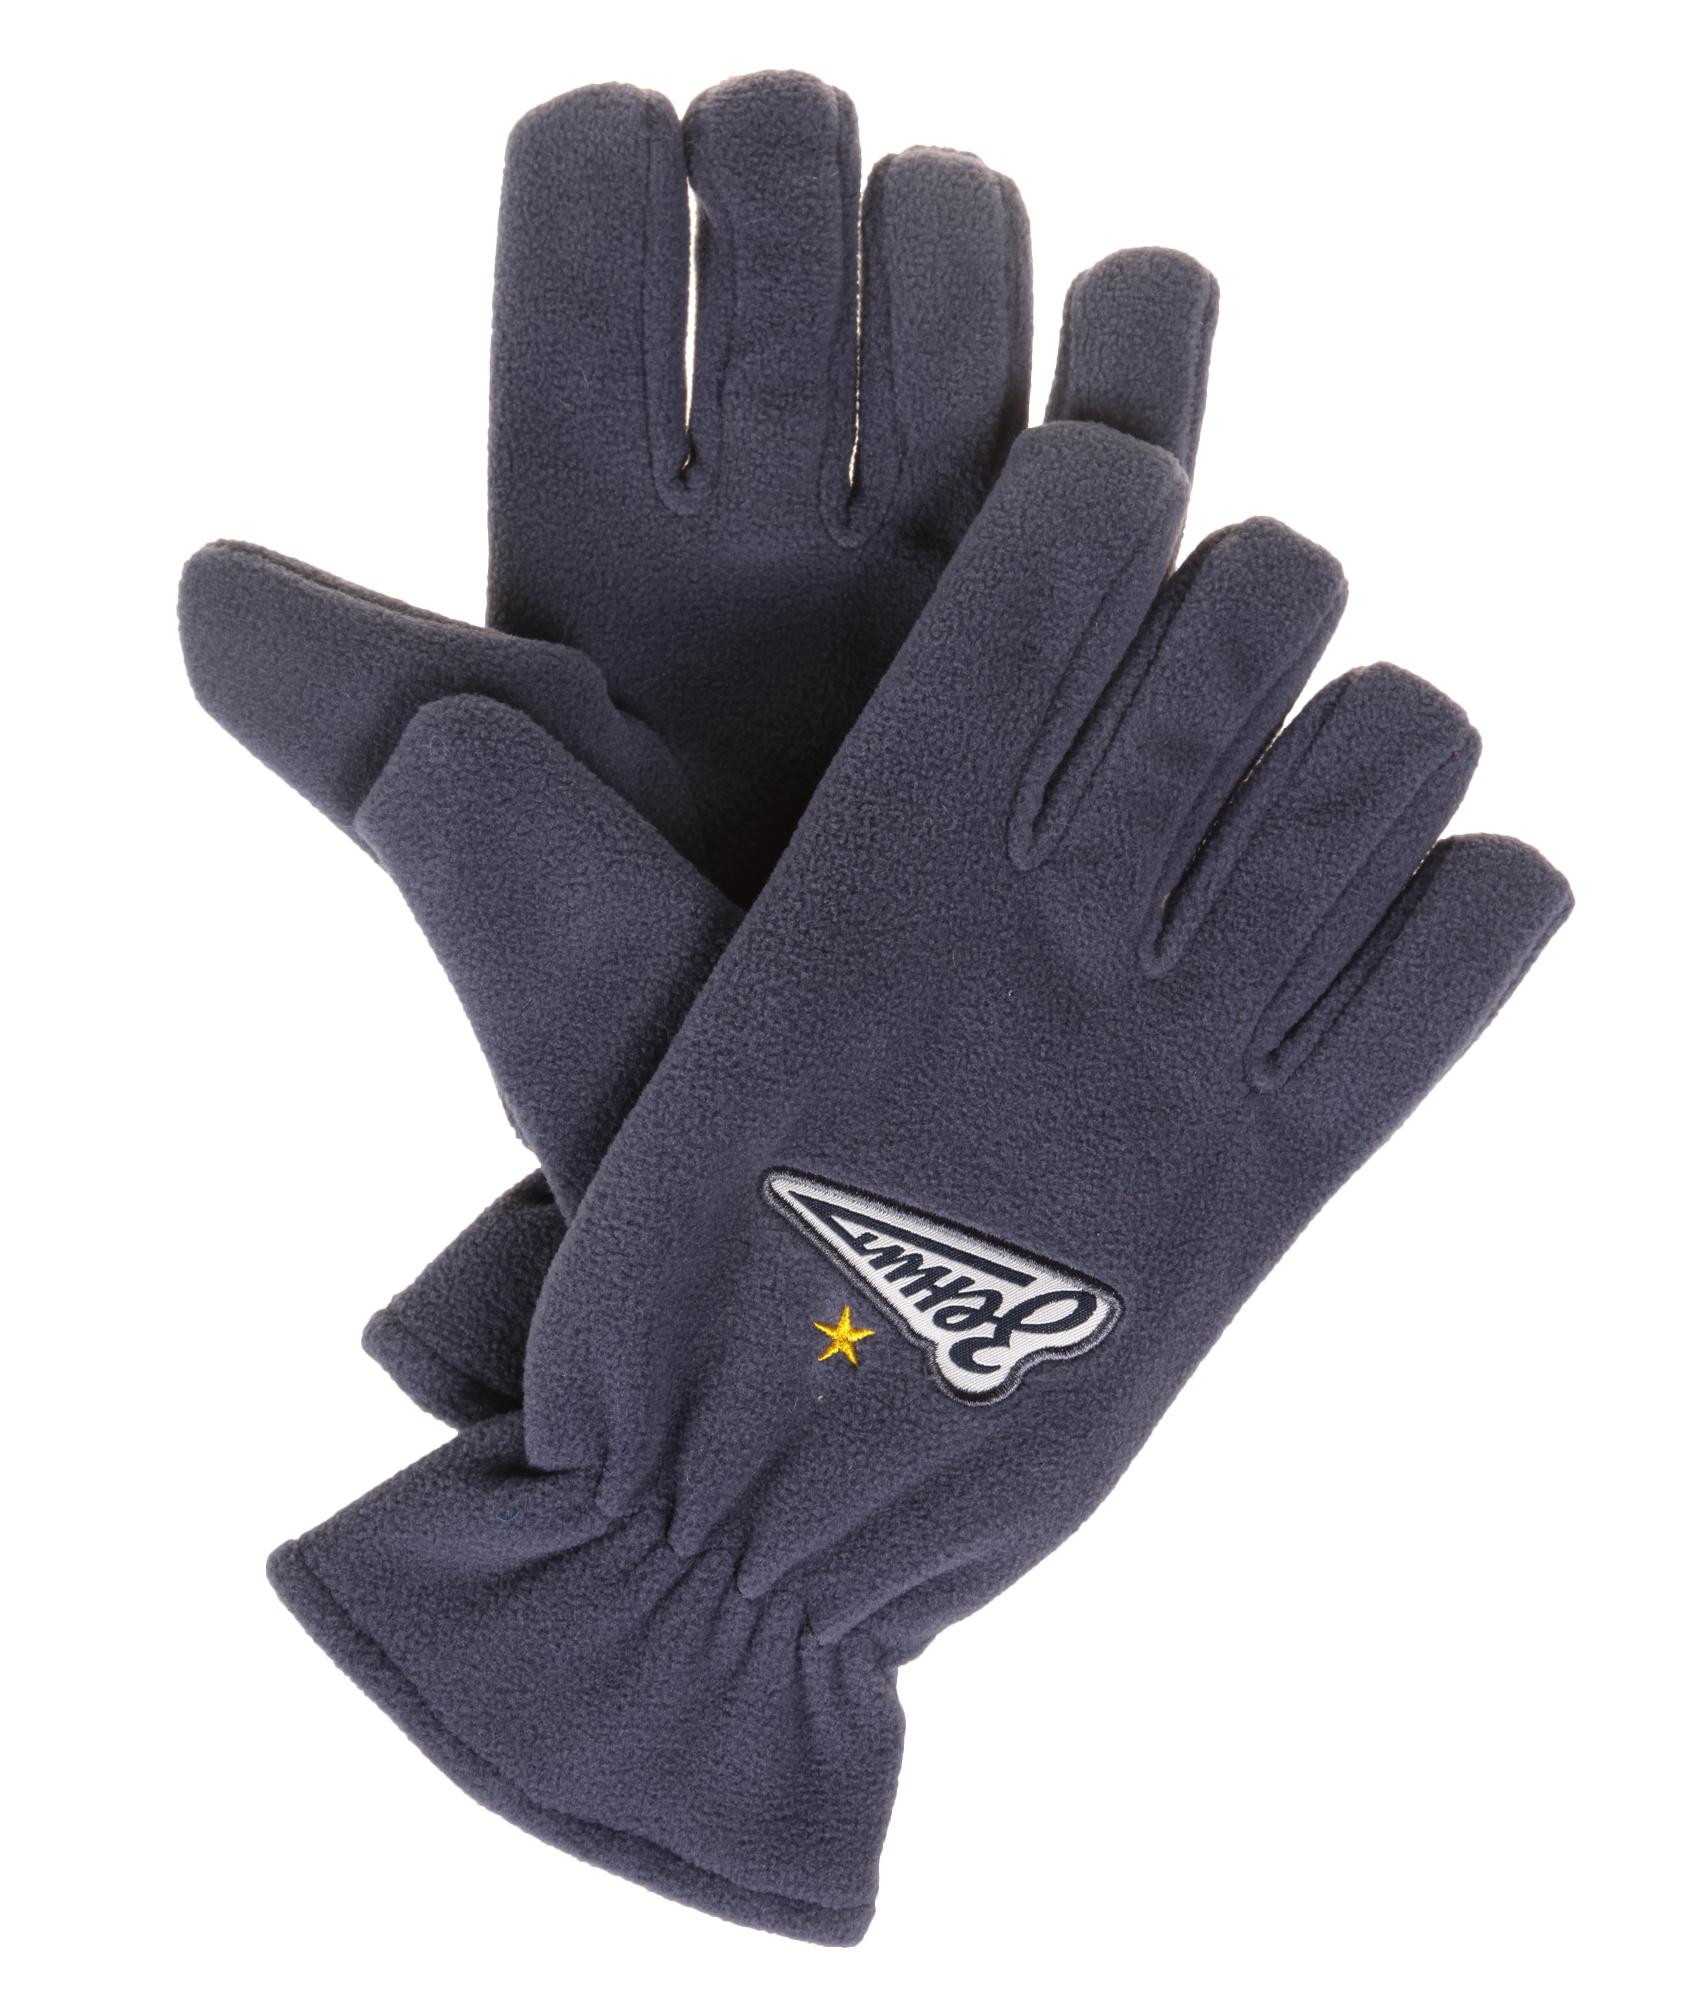 Перчатки флисовые Зенит red fox перчатки power stretch